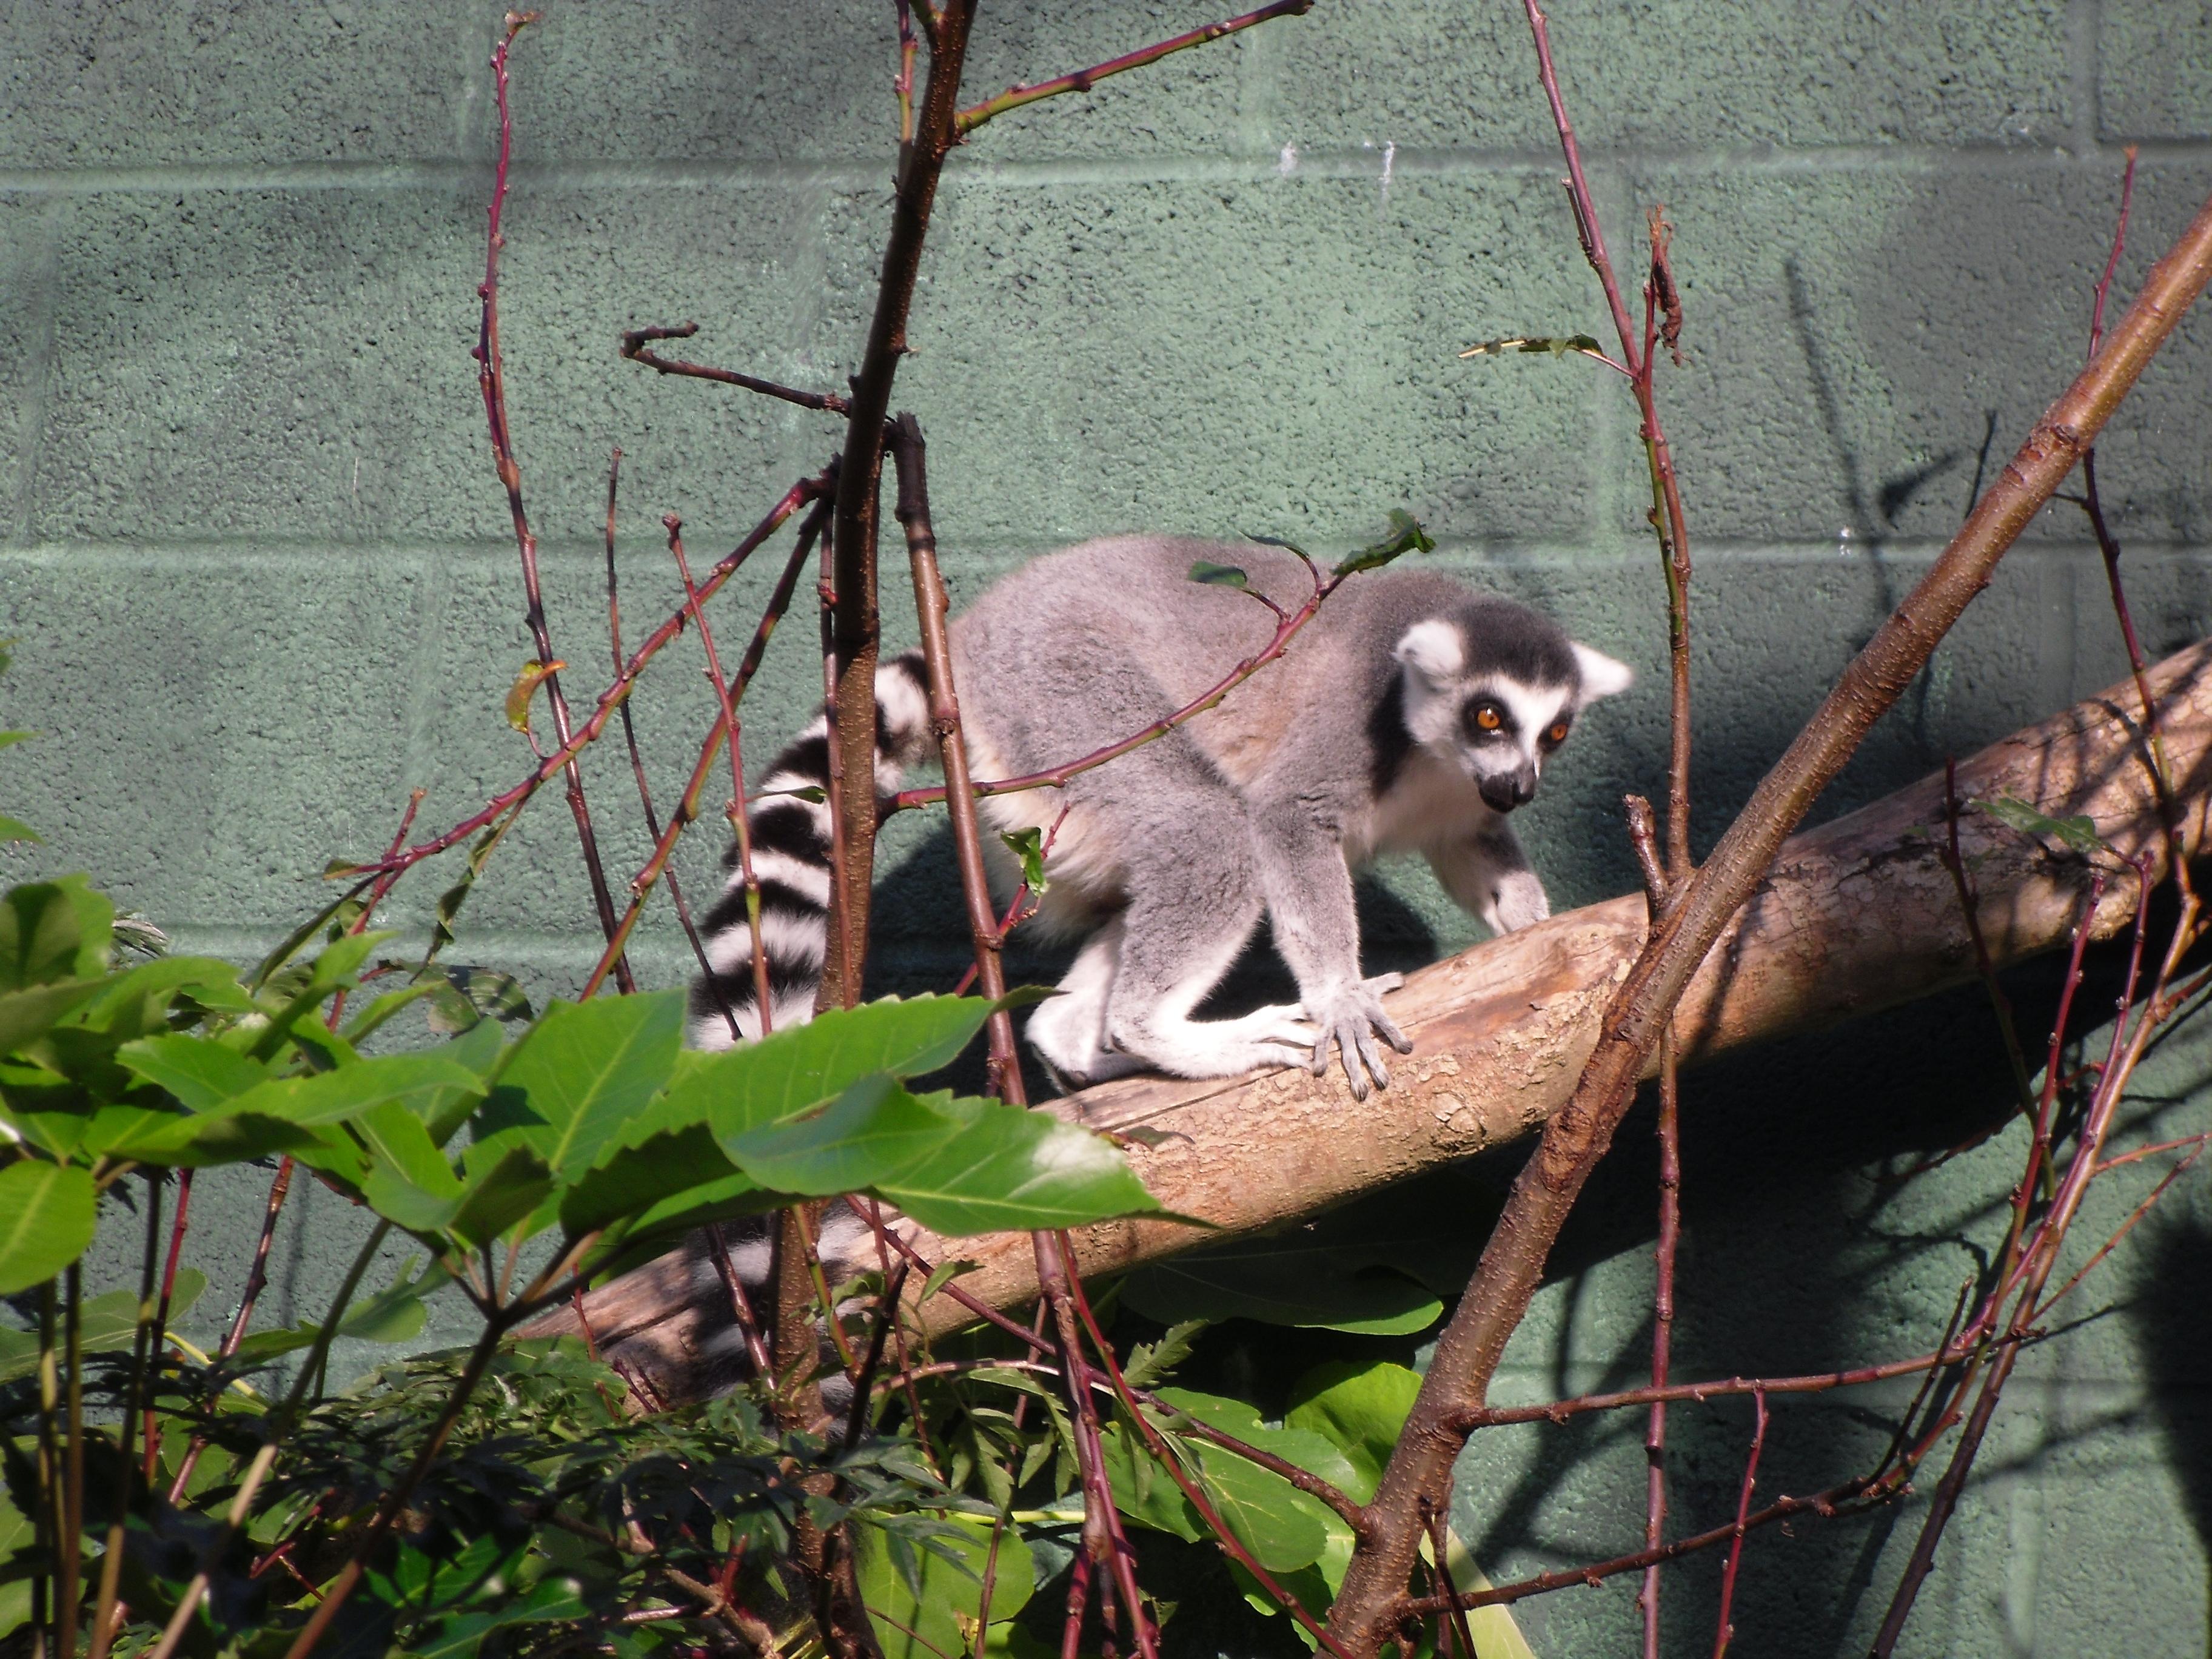 Ring-tailed lemur, Animals, Black, Lemur, Madagascar, HQ Photo